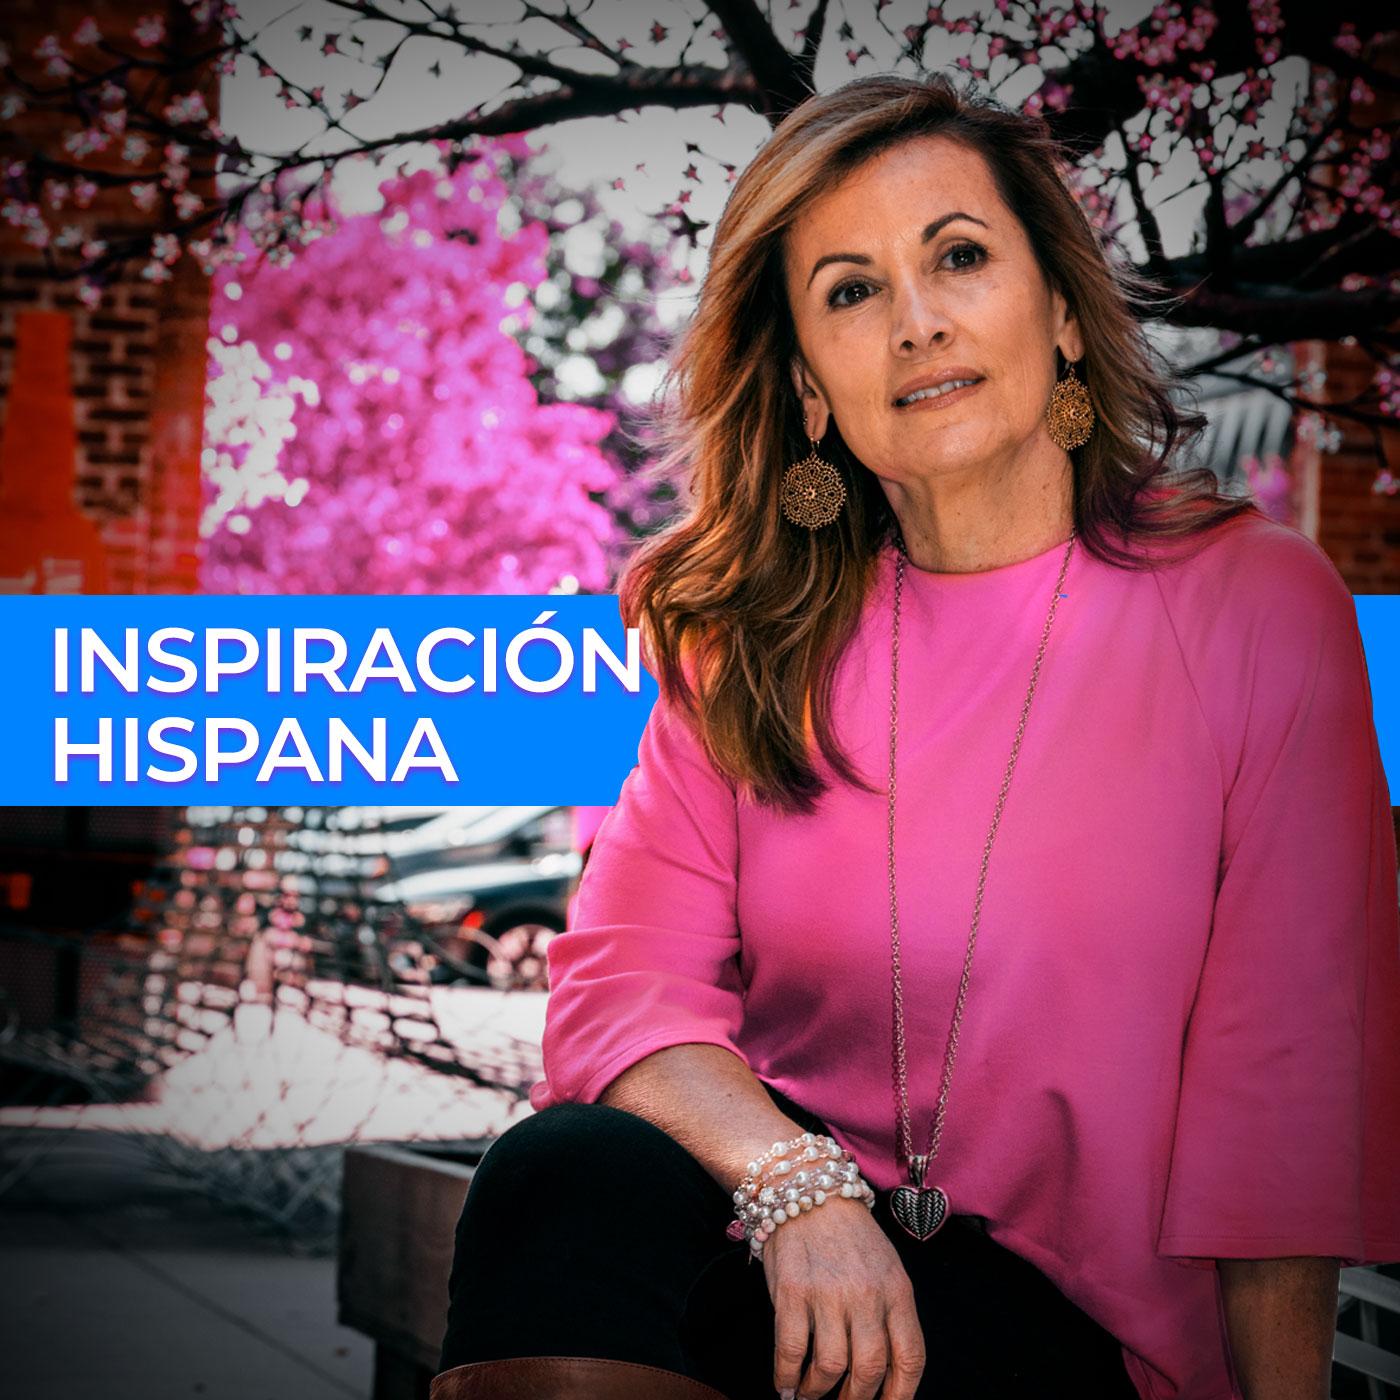 Inspiración Hispana show art